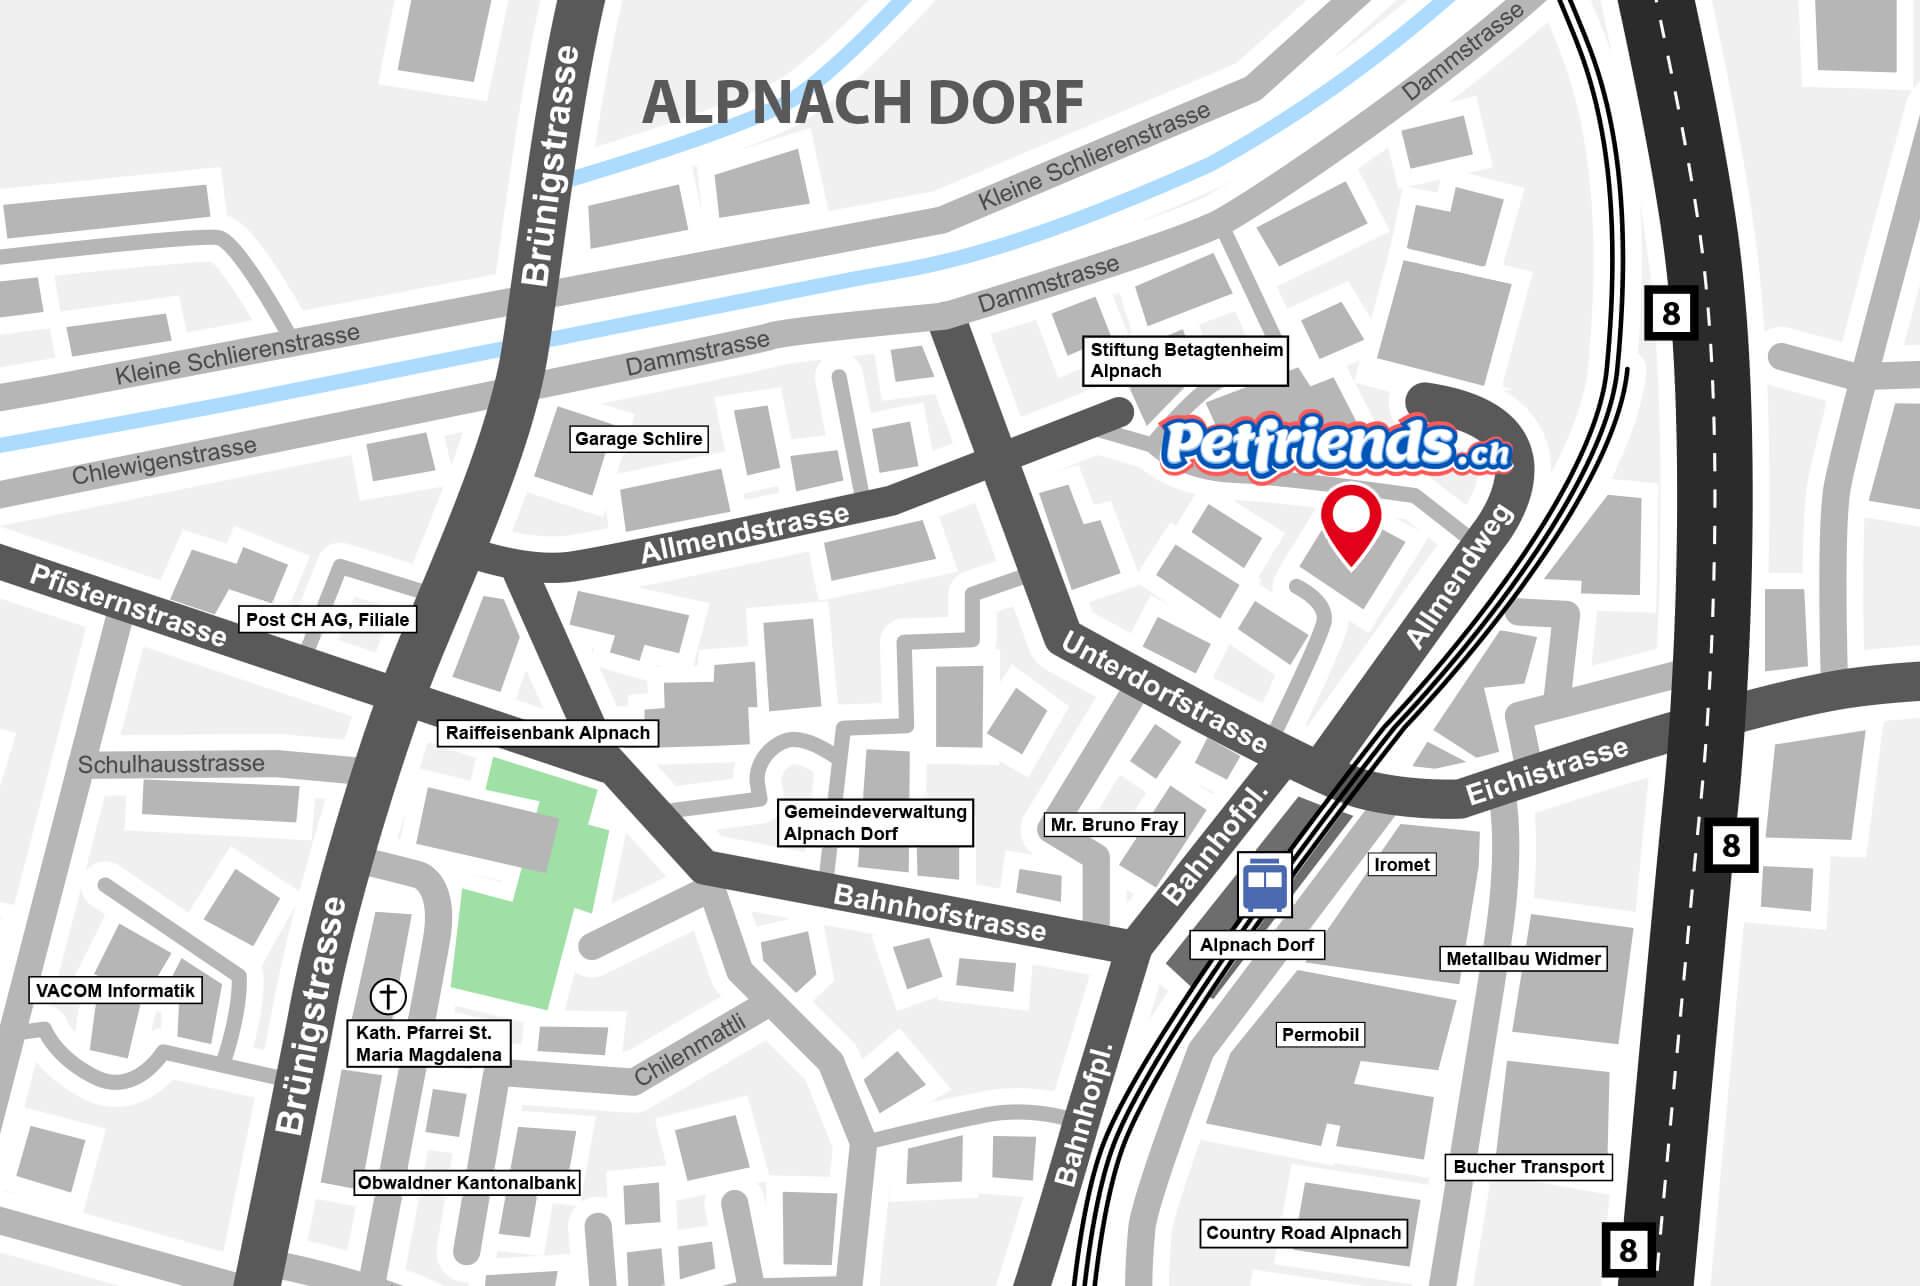 Plan Alpnach